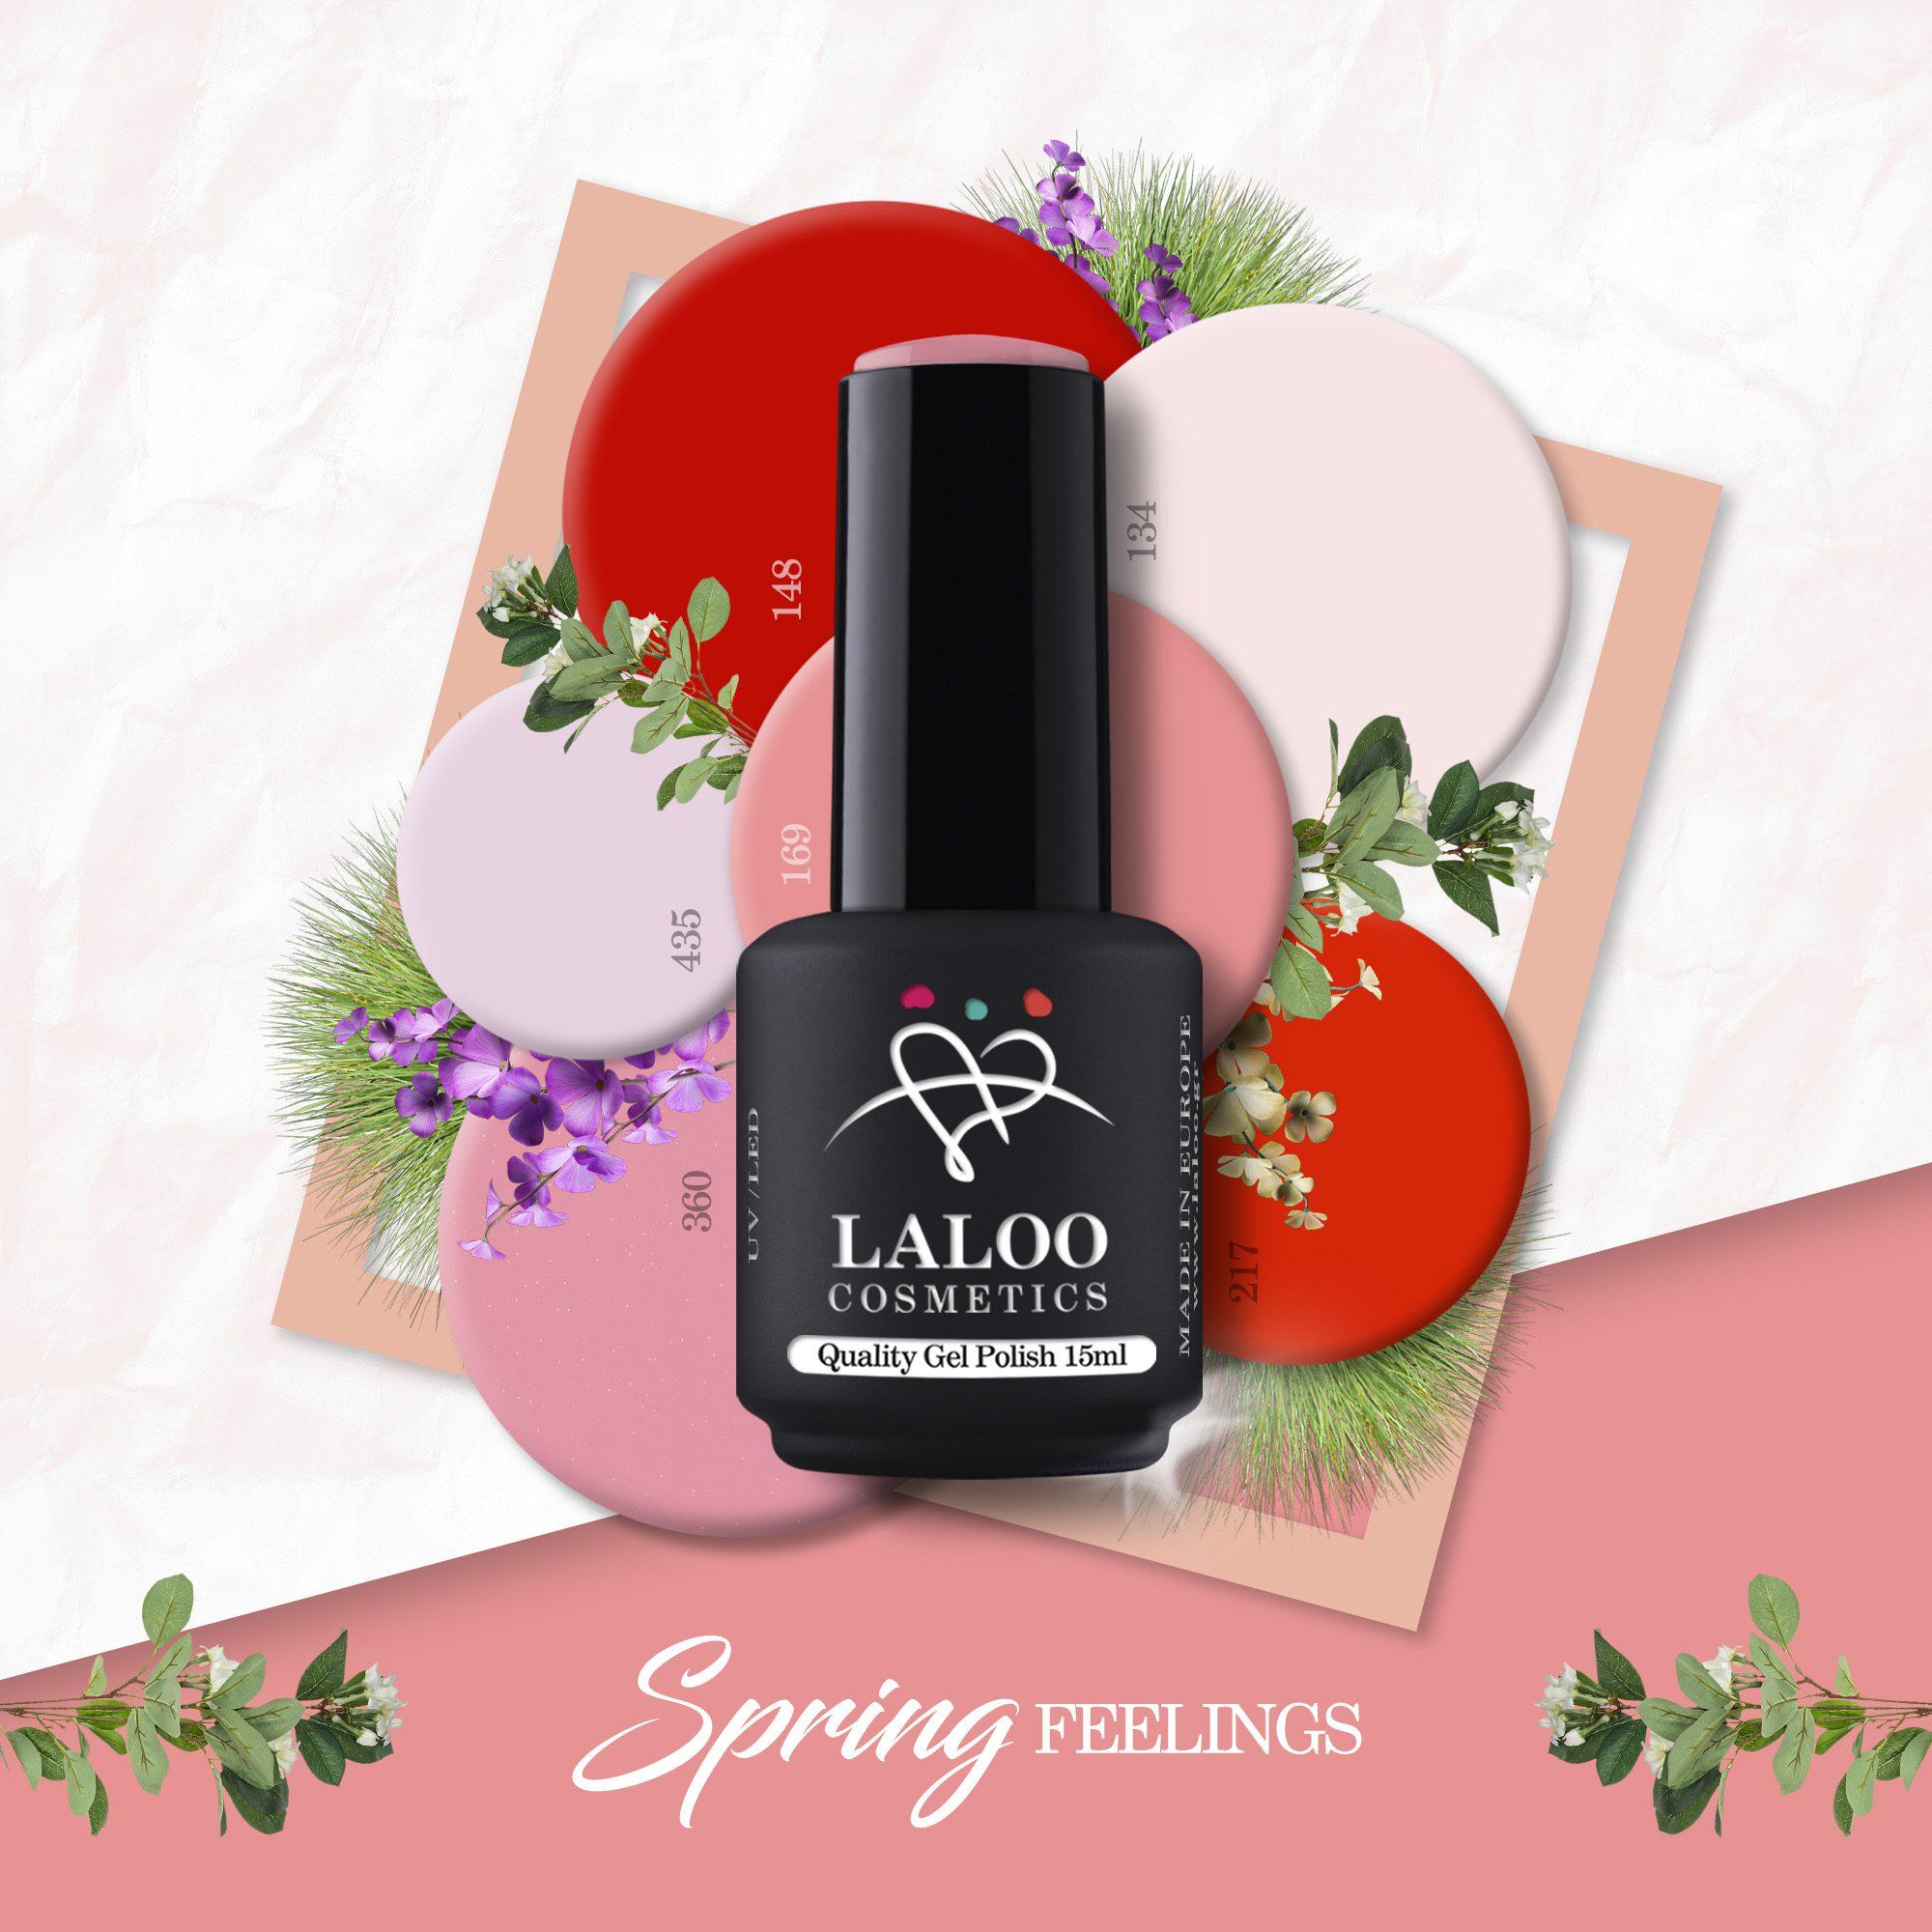 Η Ηλιάνα Παπαγεωργίου είναι η νέα Brand Ambassador της Laloo Cosmetics